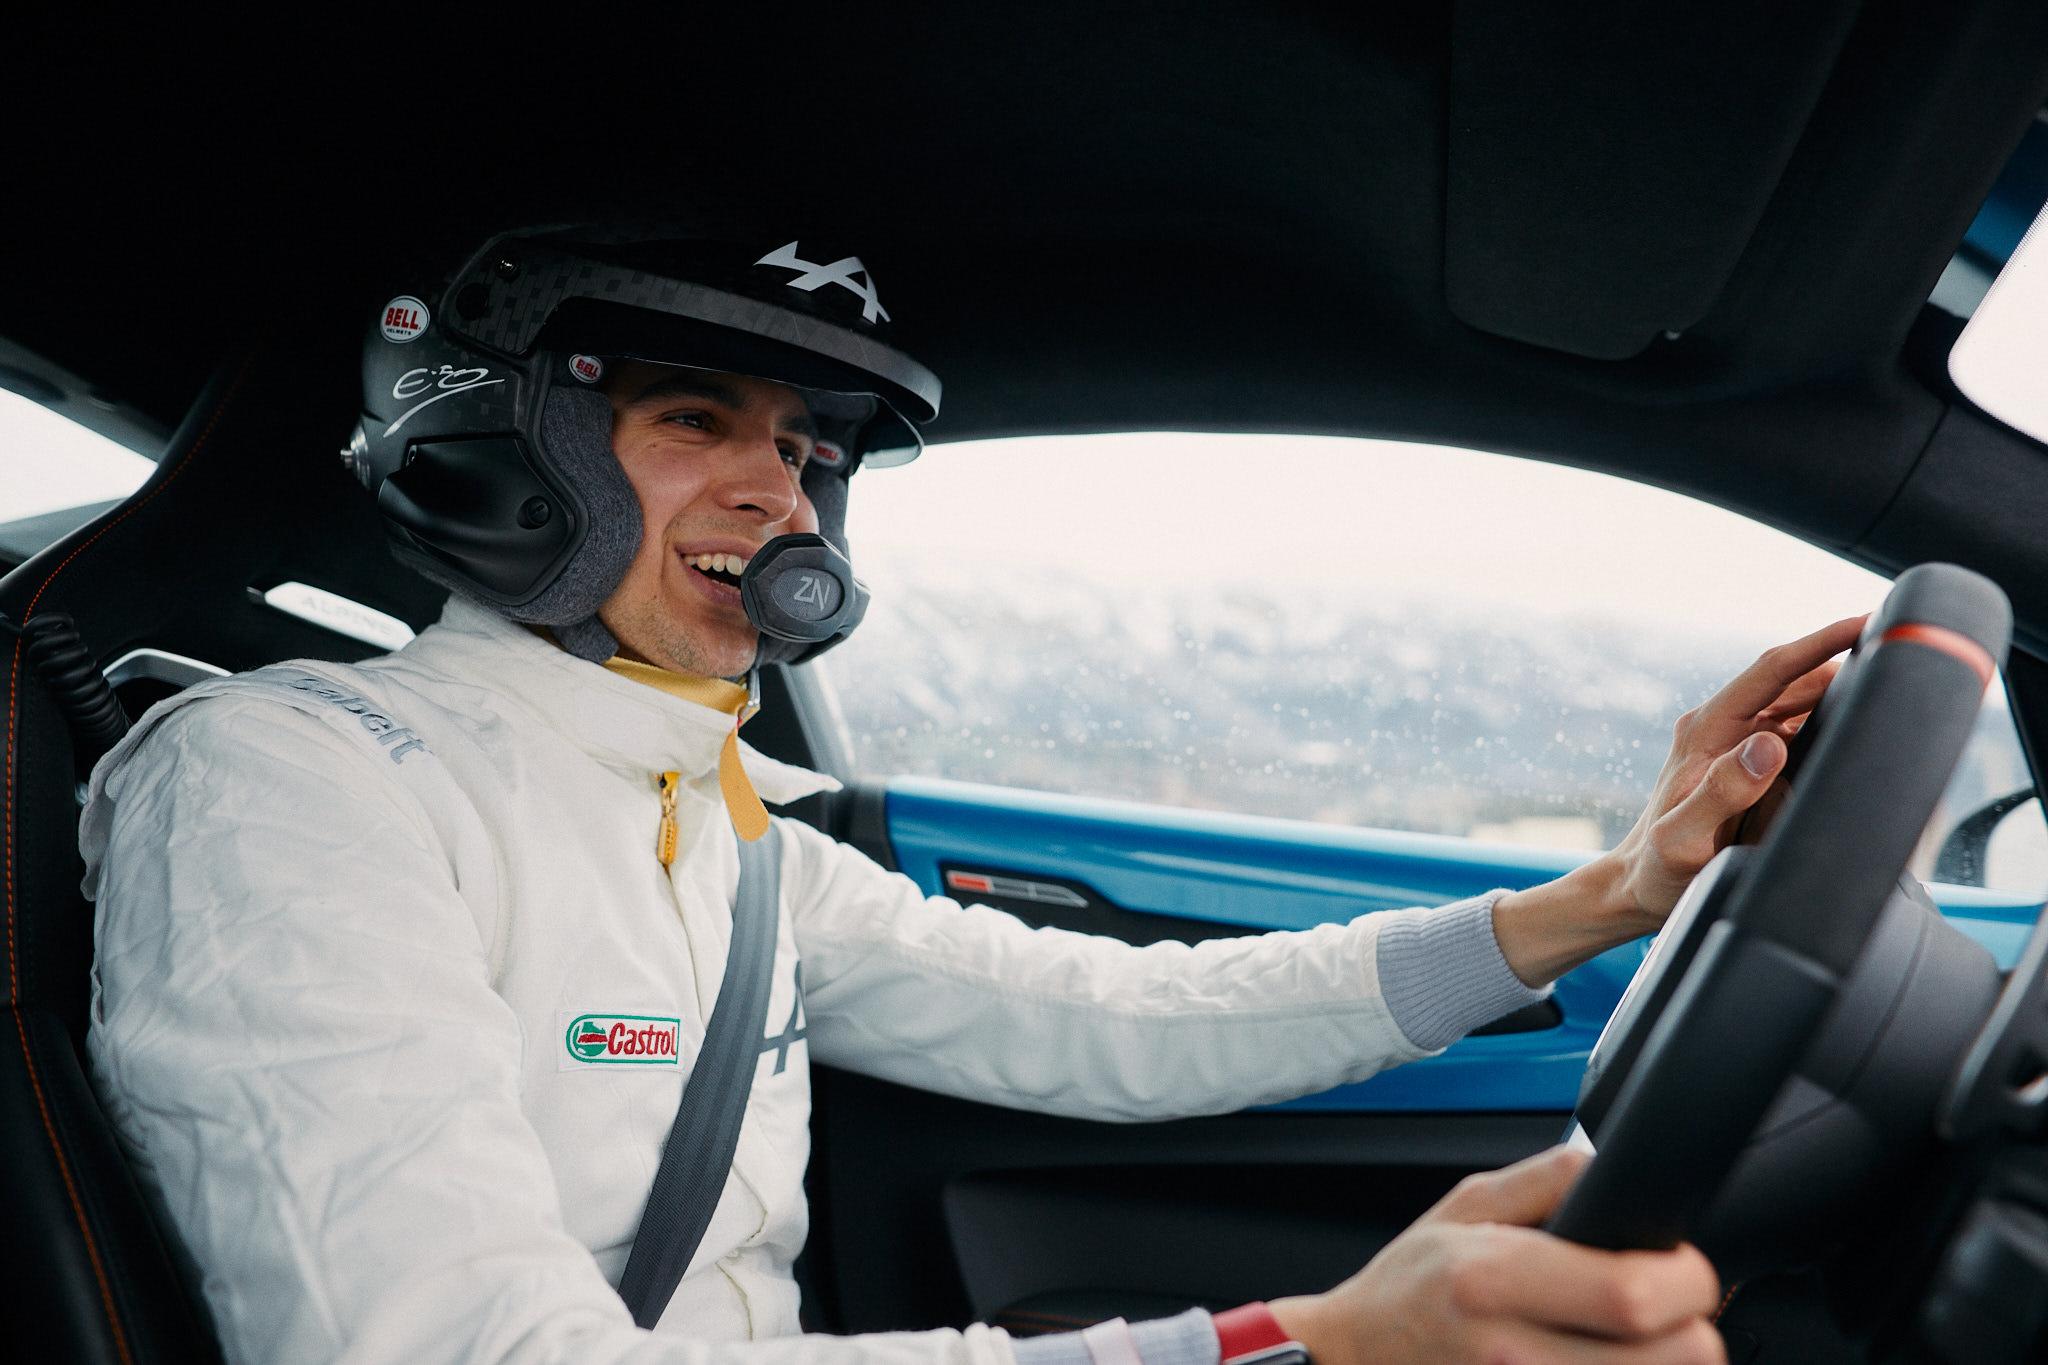 L'impressionnant crash d'un pilote finlandais au rallye Monte-Carlo - vidéo